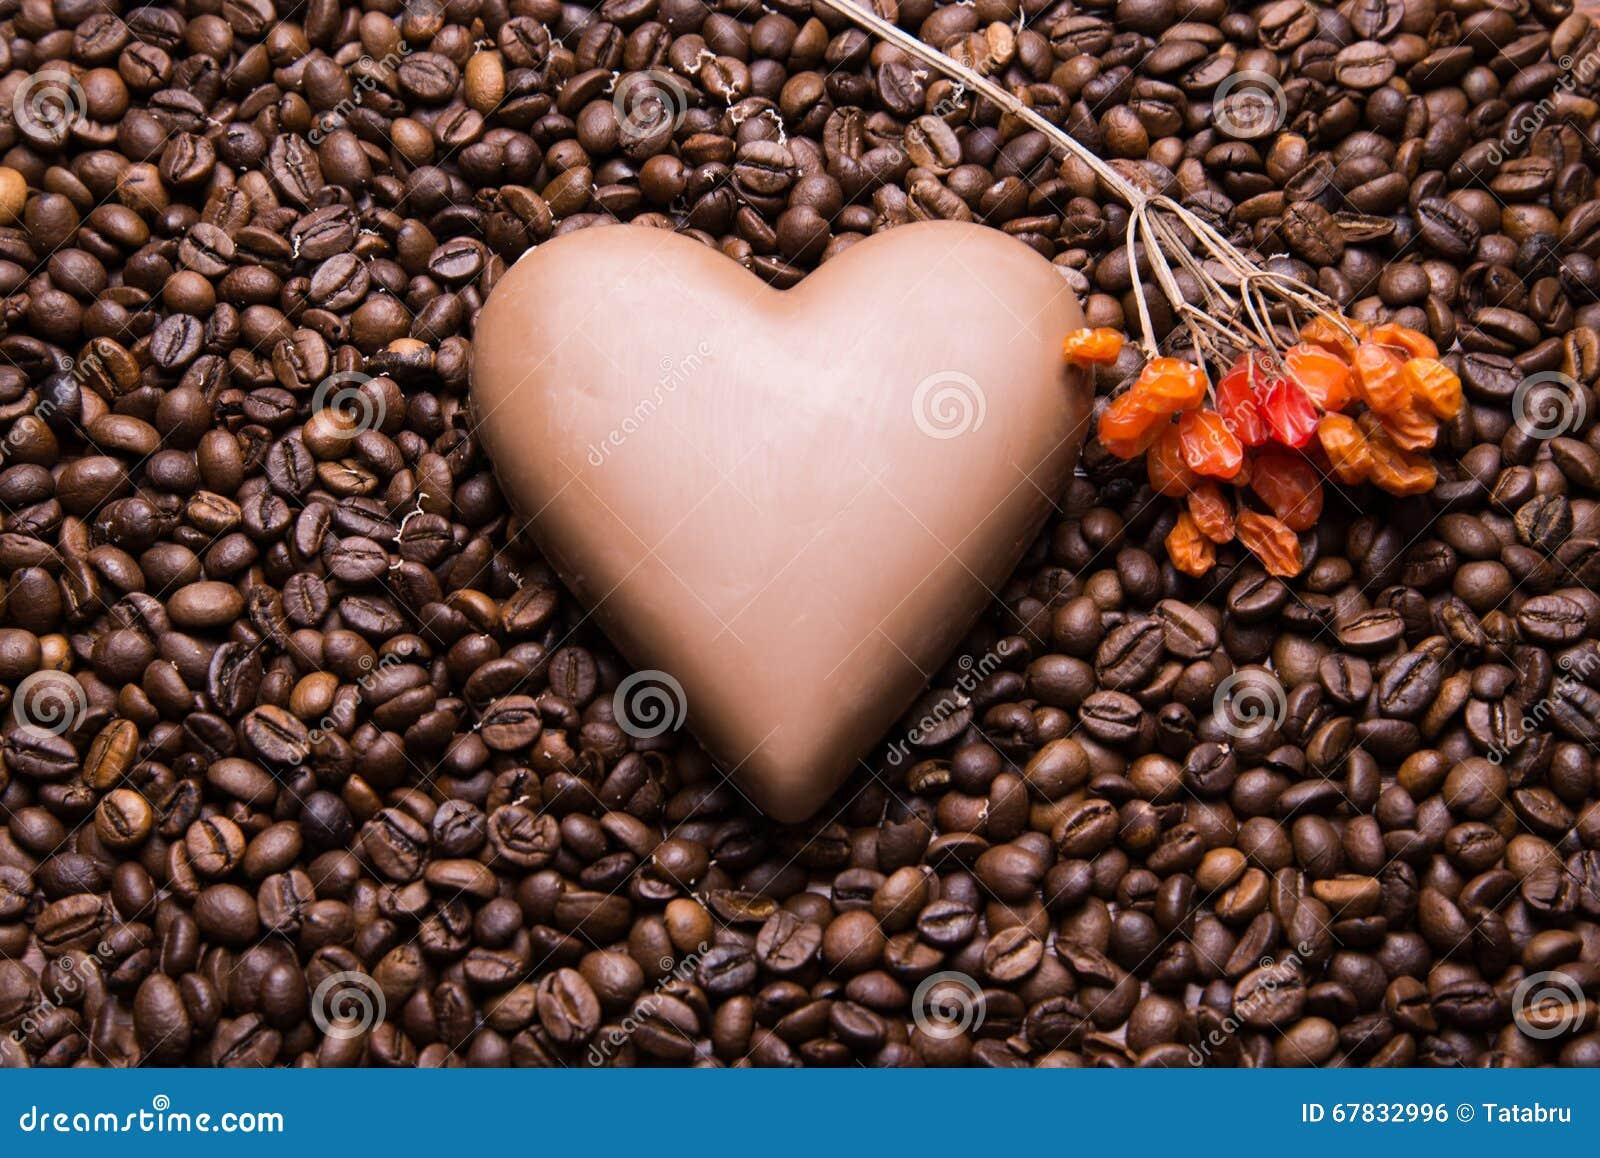 Het behang van koffiebonen met chocoladehart en viburnum berrie